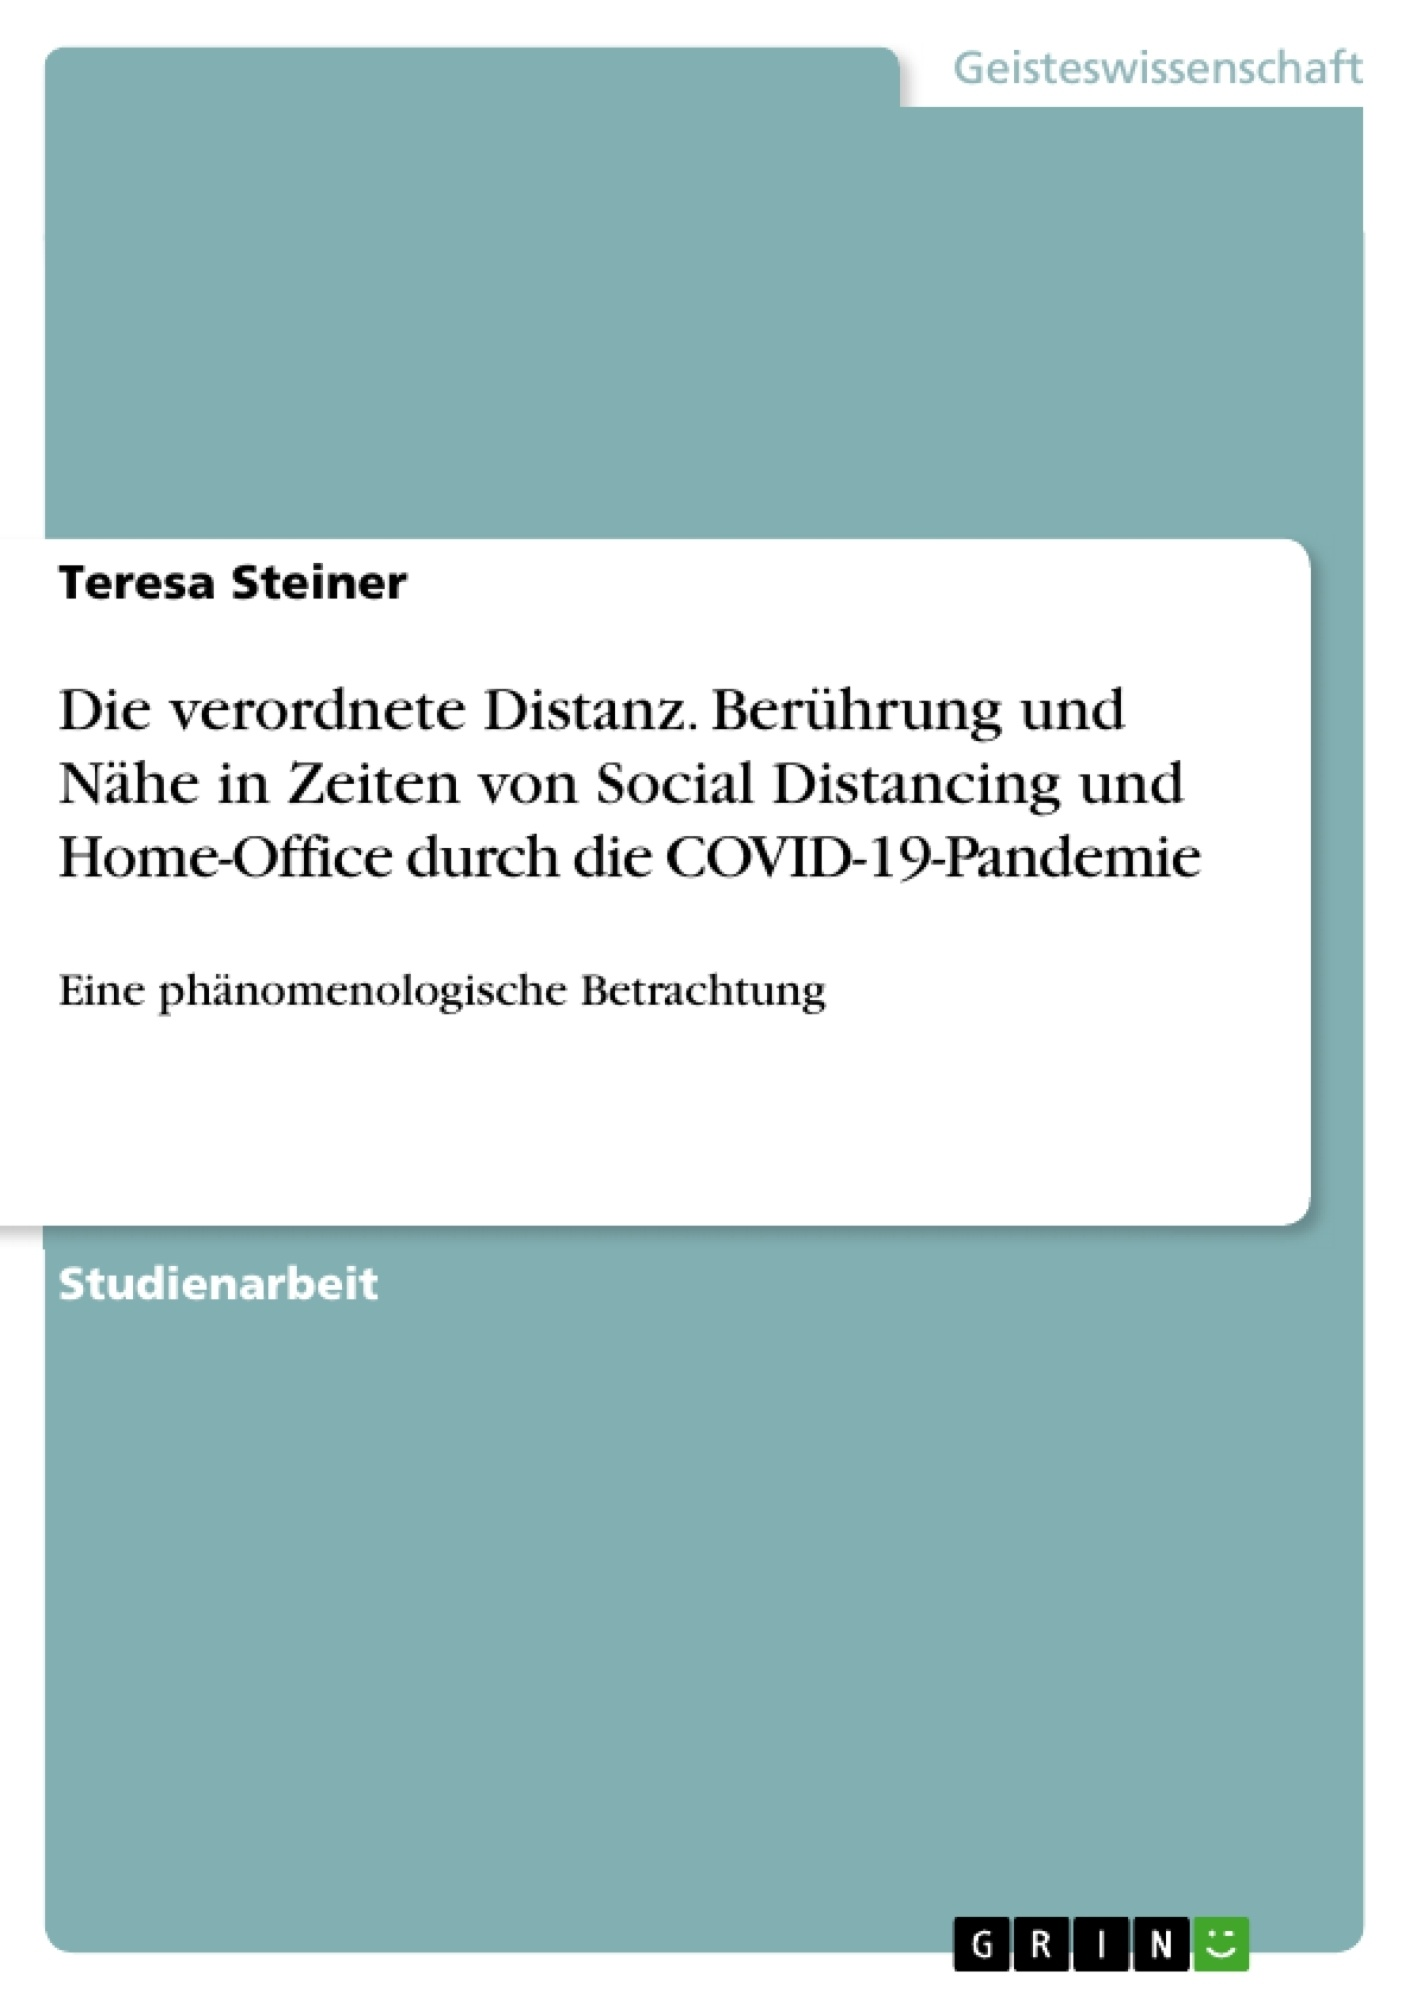 Titel: Die verordnete Distanz. Berührung und Nähe in Zeiten von Social Distancing und Home-Office durch die COVID-19-Pandemie